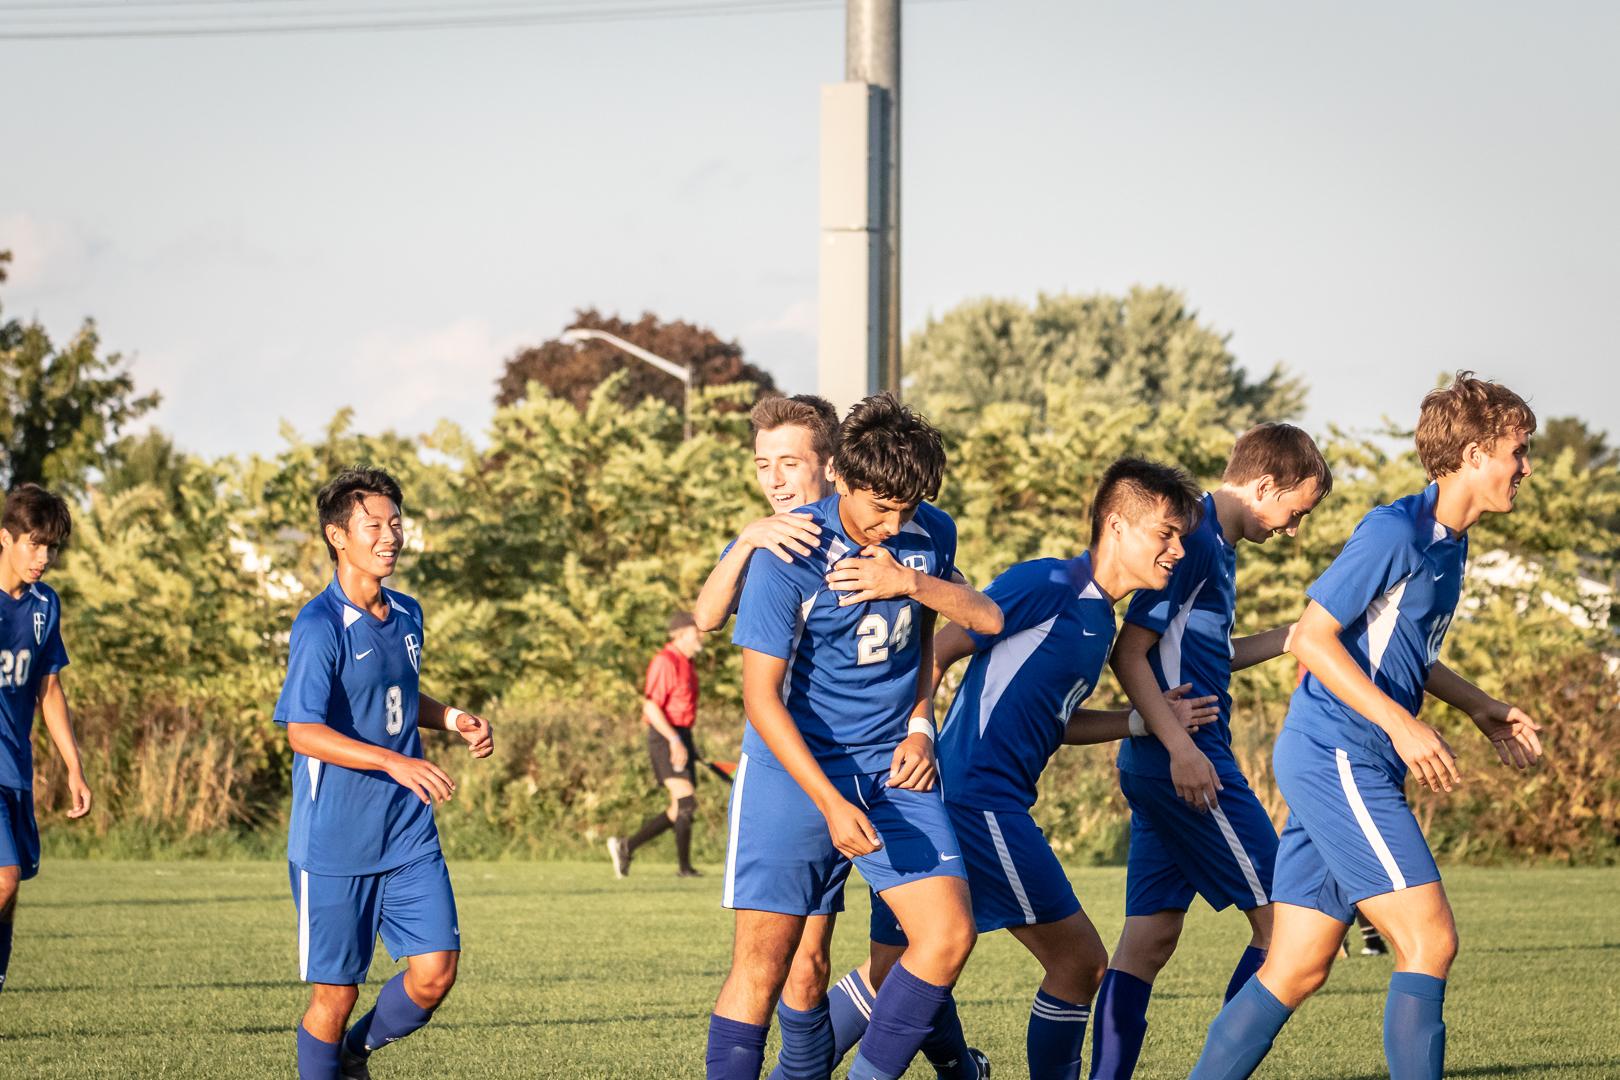 Marian-Varsity-Boys-Soccer-9407.jpg